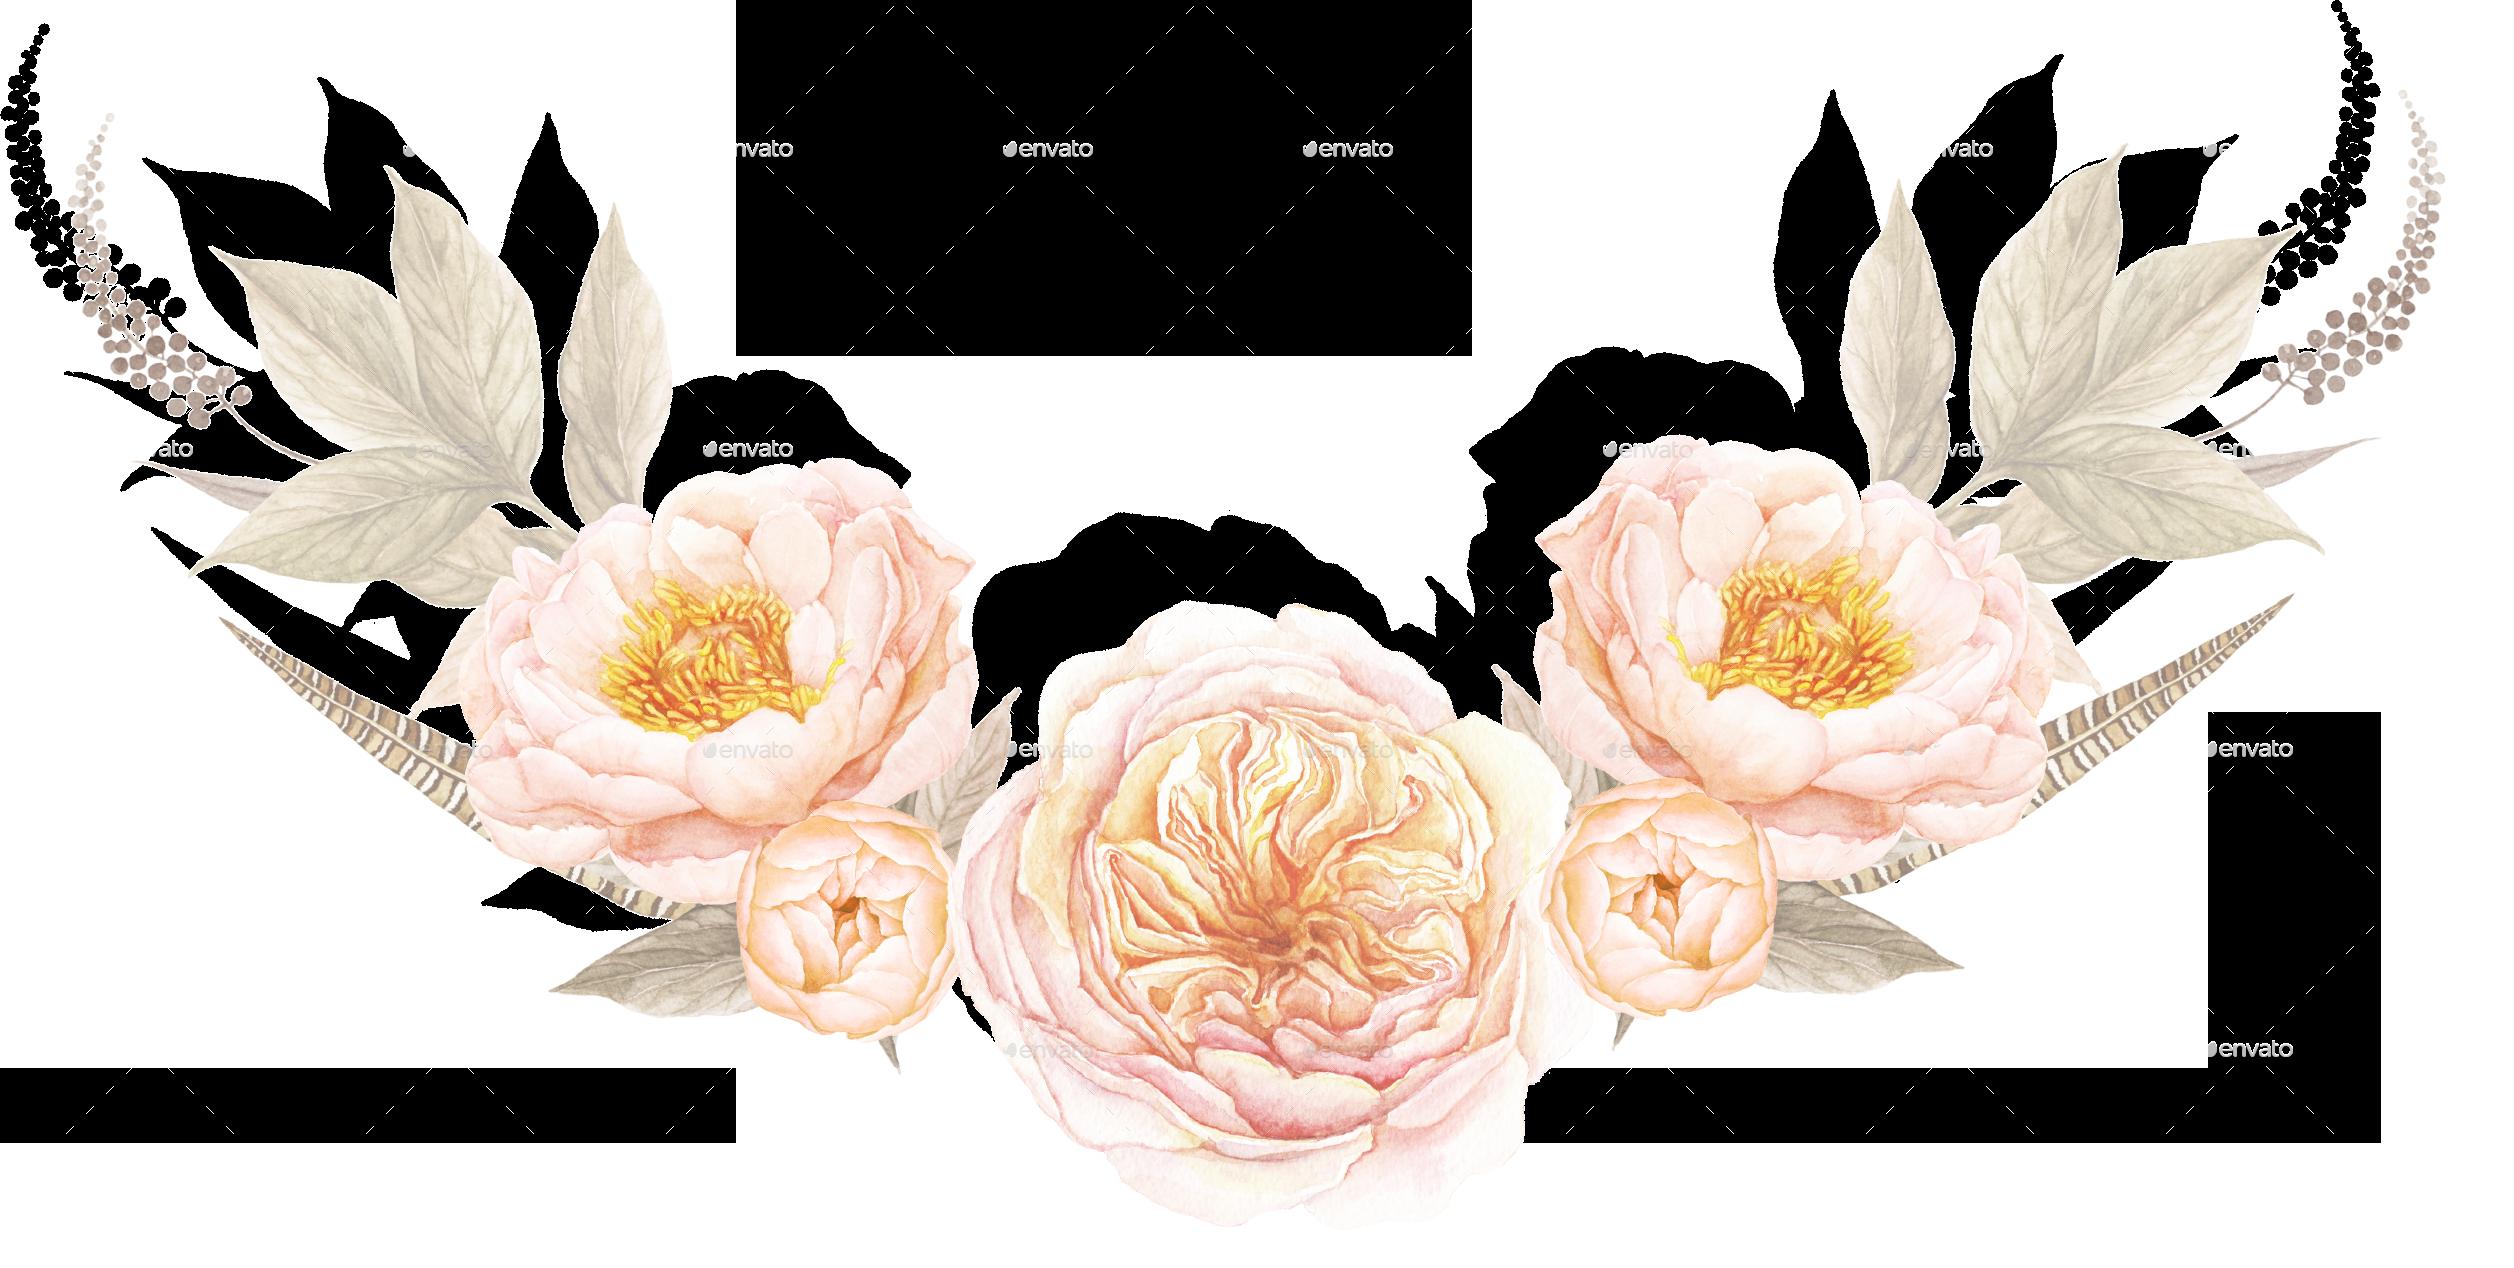 TEABERRYfloralbouquet/floralbouquet1.png PlusPng.com  - PNG Vintage